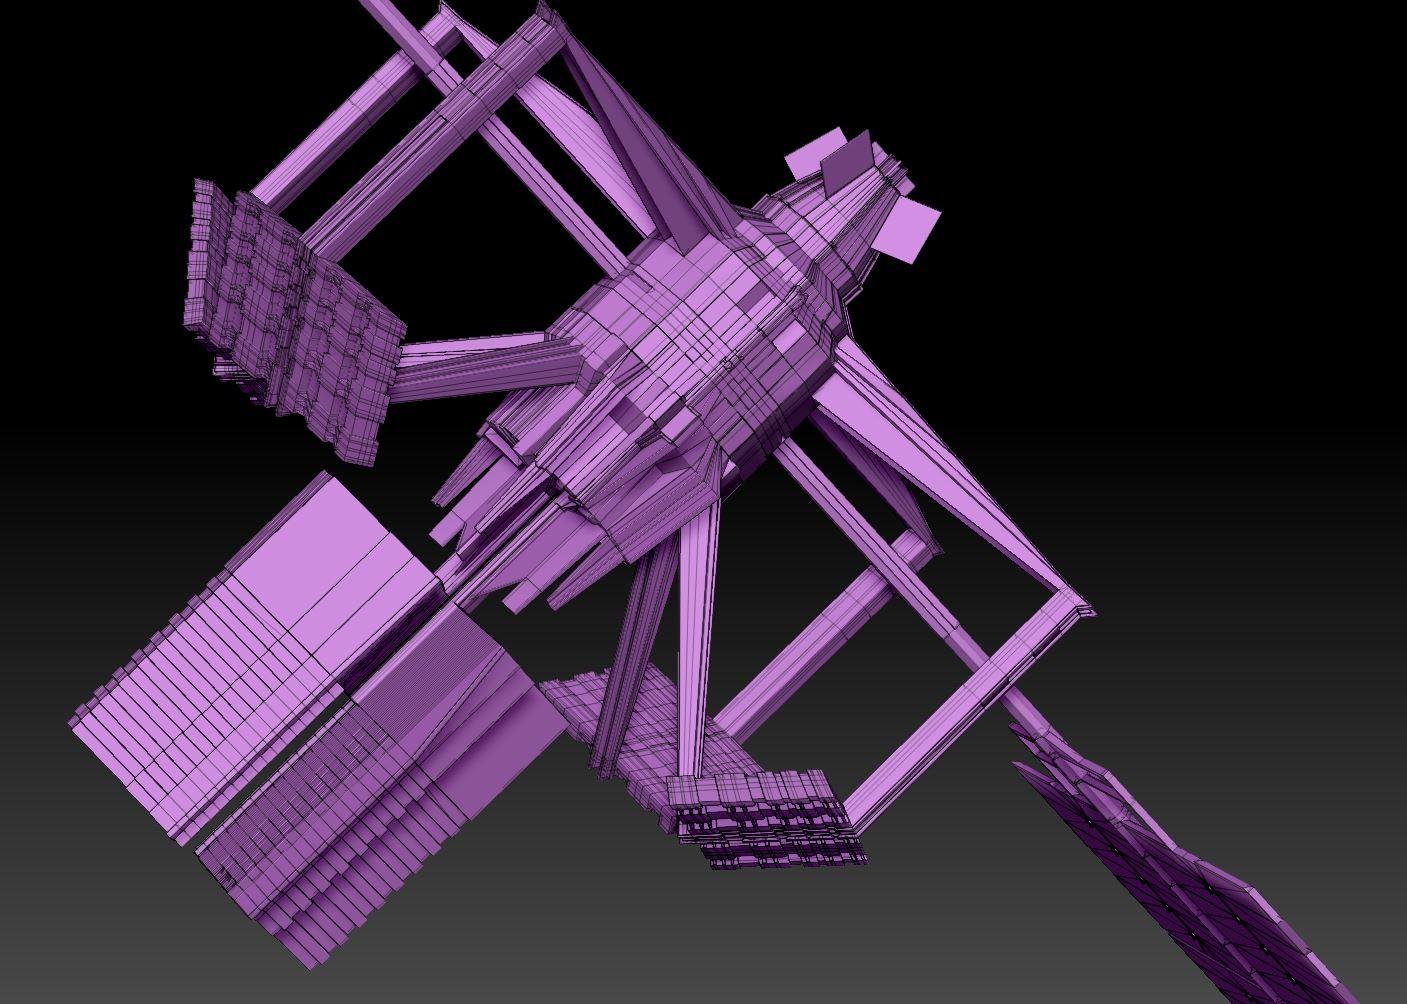 Kresimir jelusic 41 181115 satelite capture2